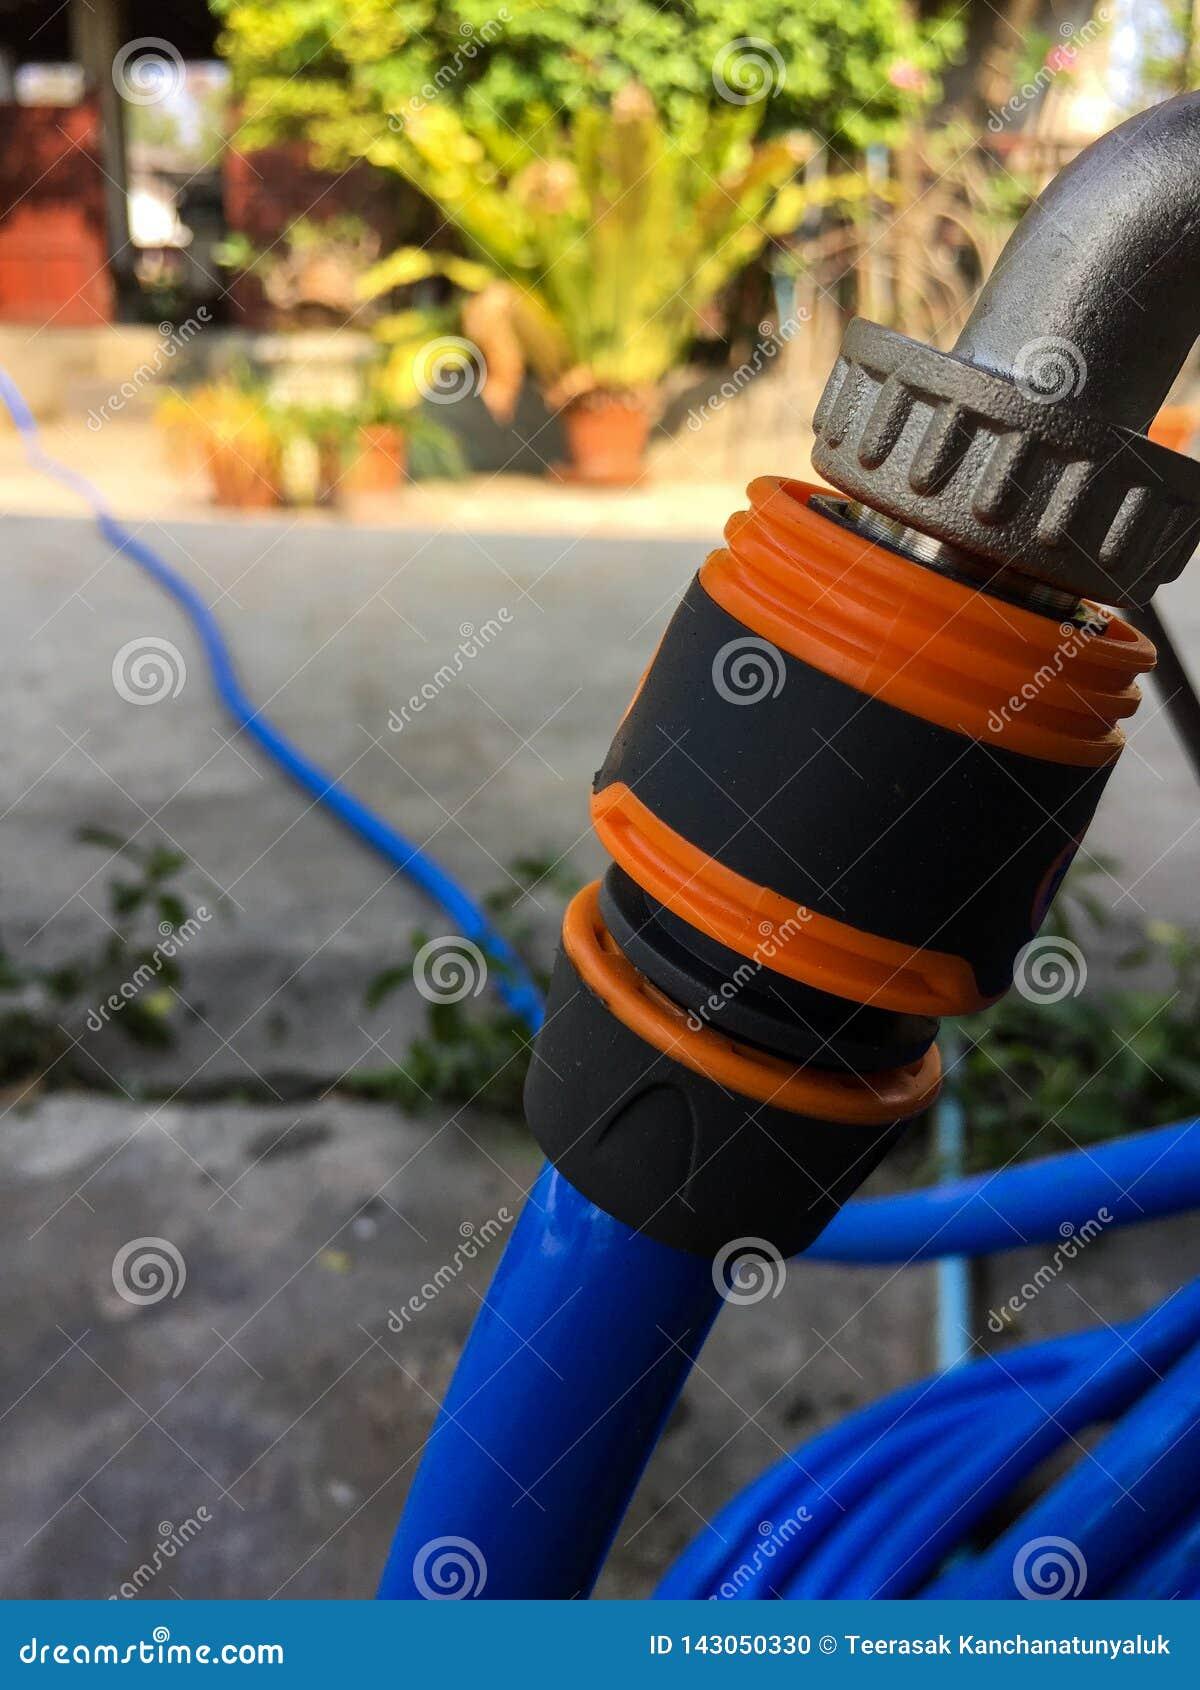 Boca azul de la manguera del agua del jardín y conector anaranjado